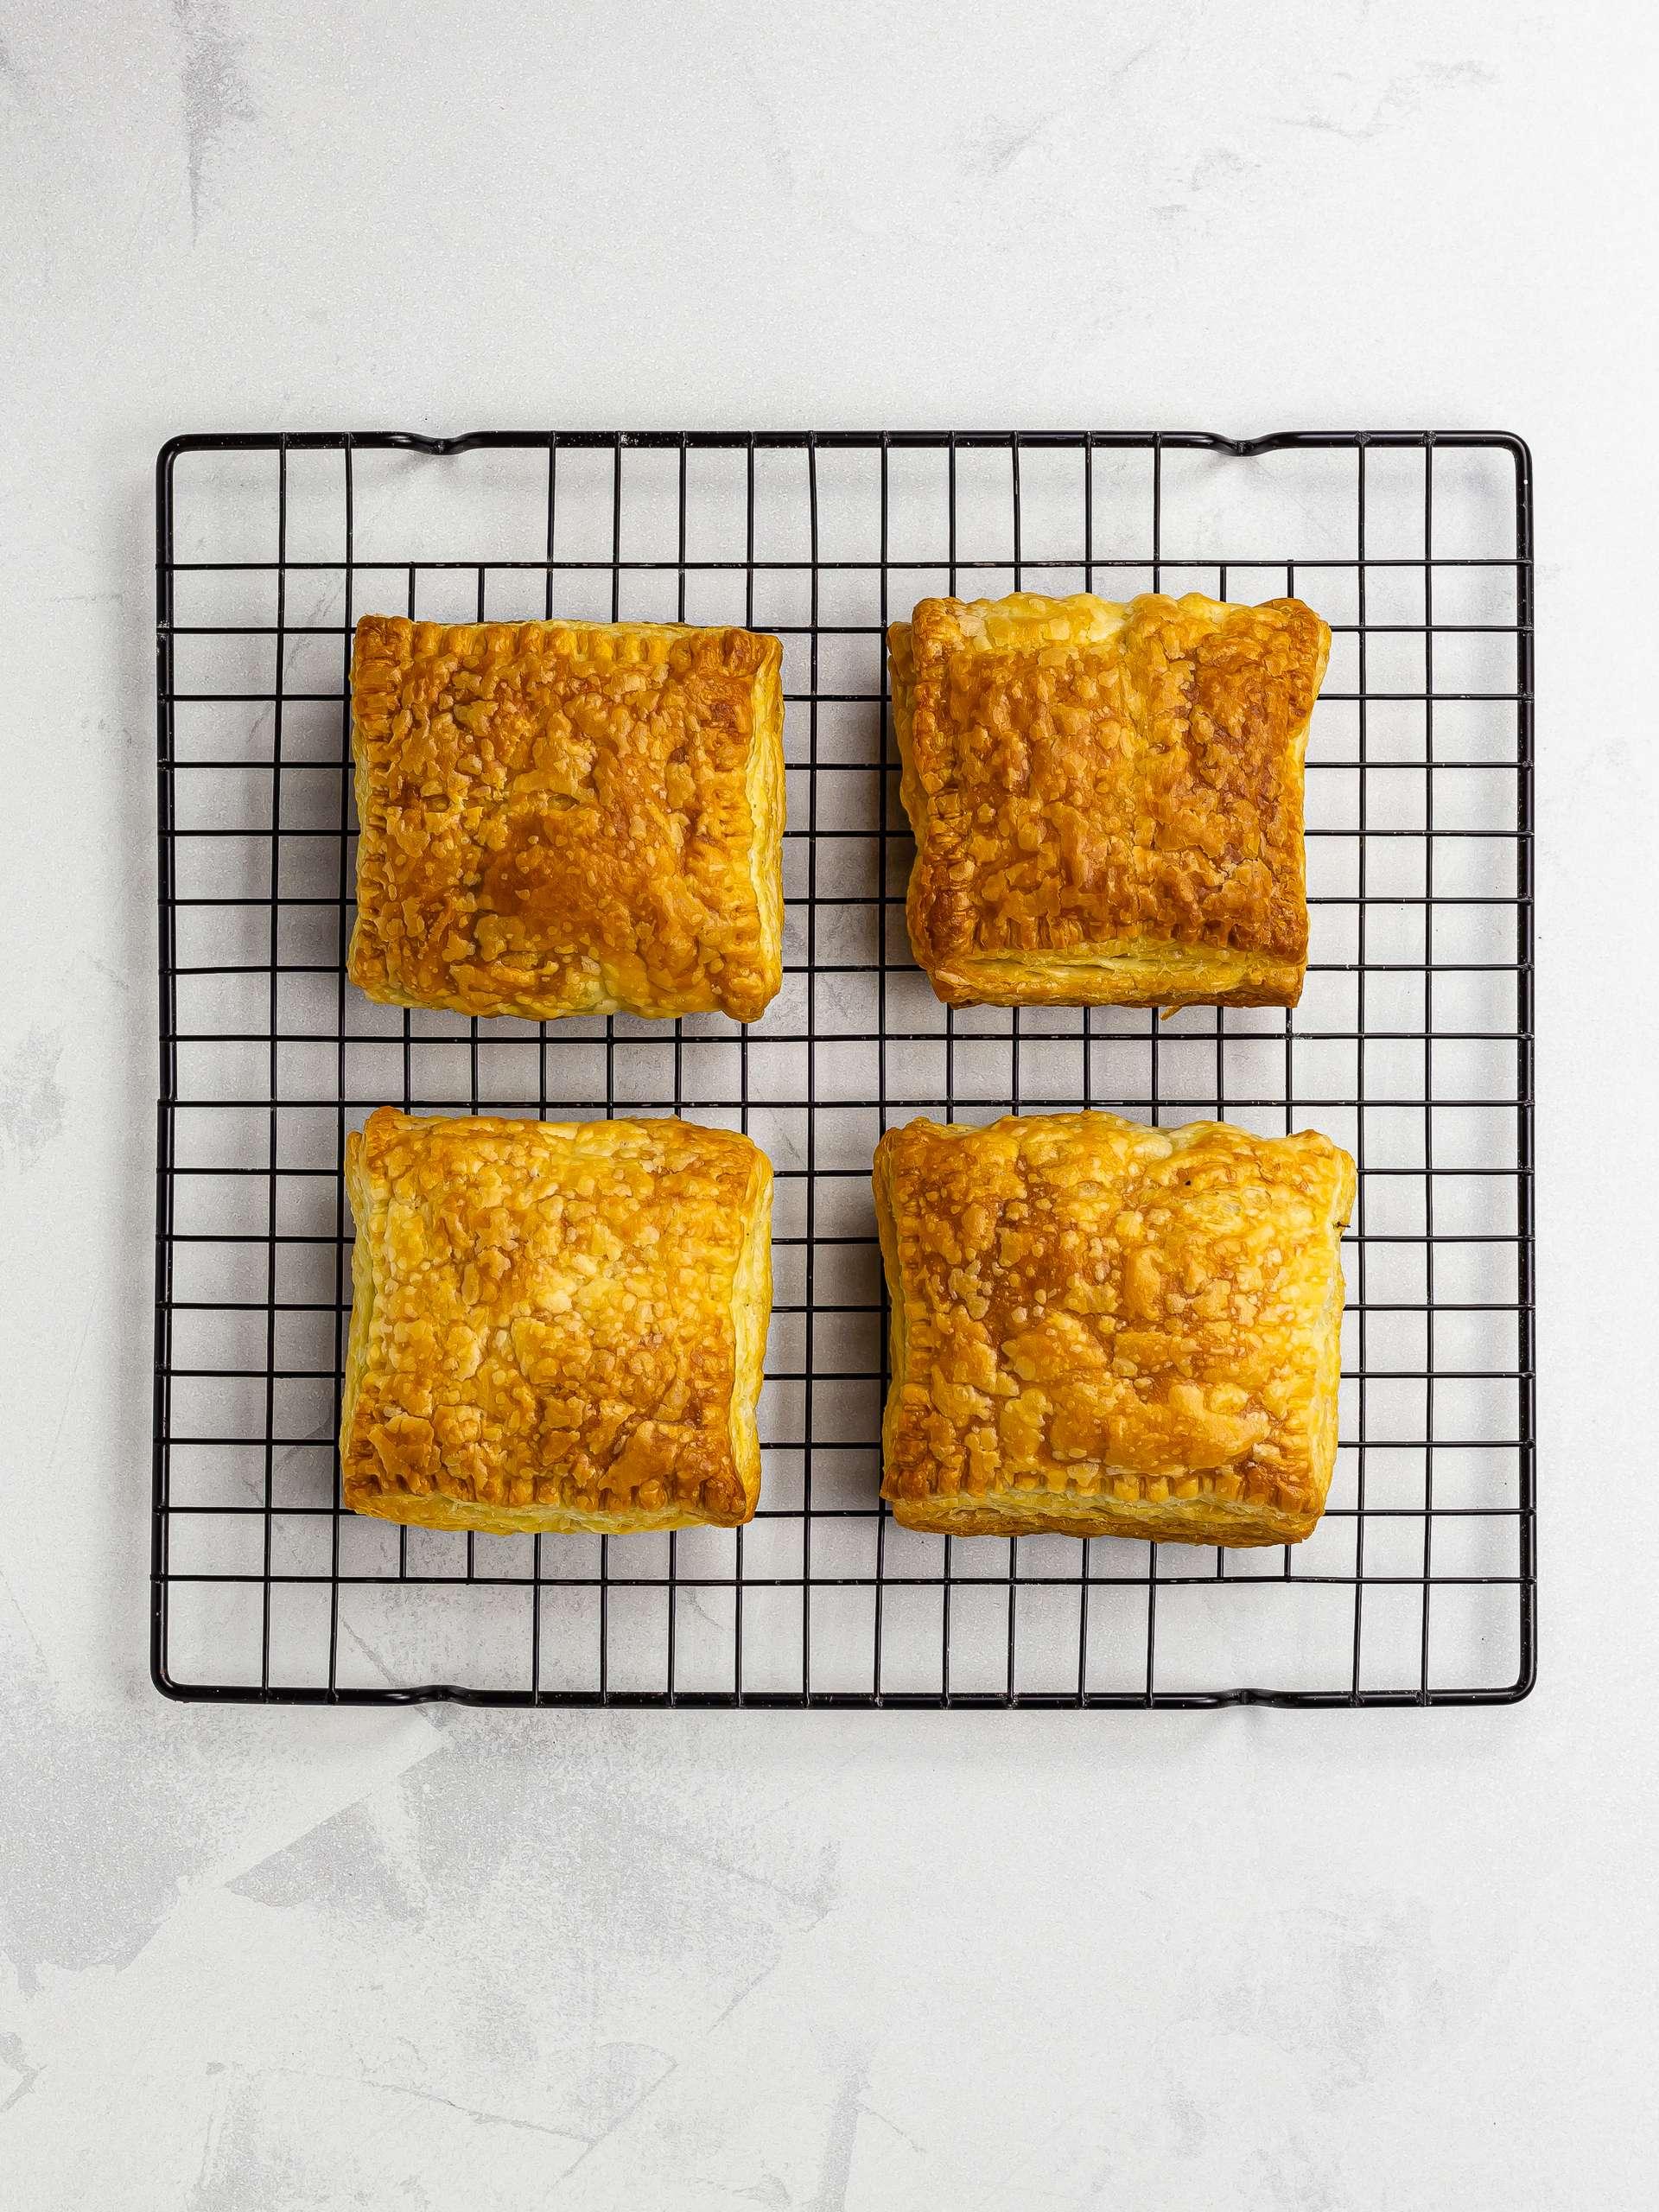 oven-baked haitian patties